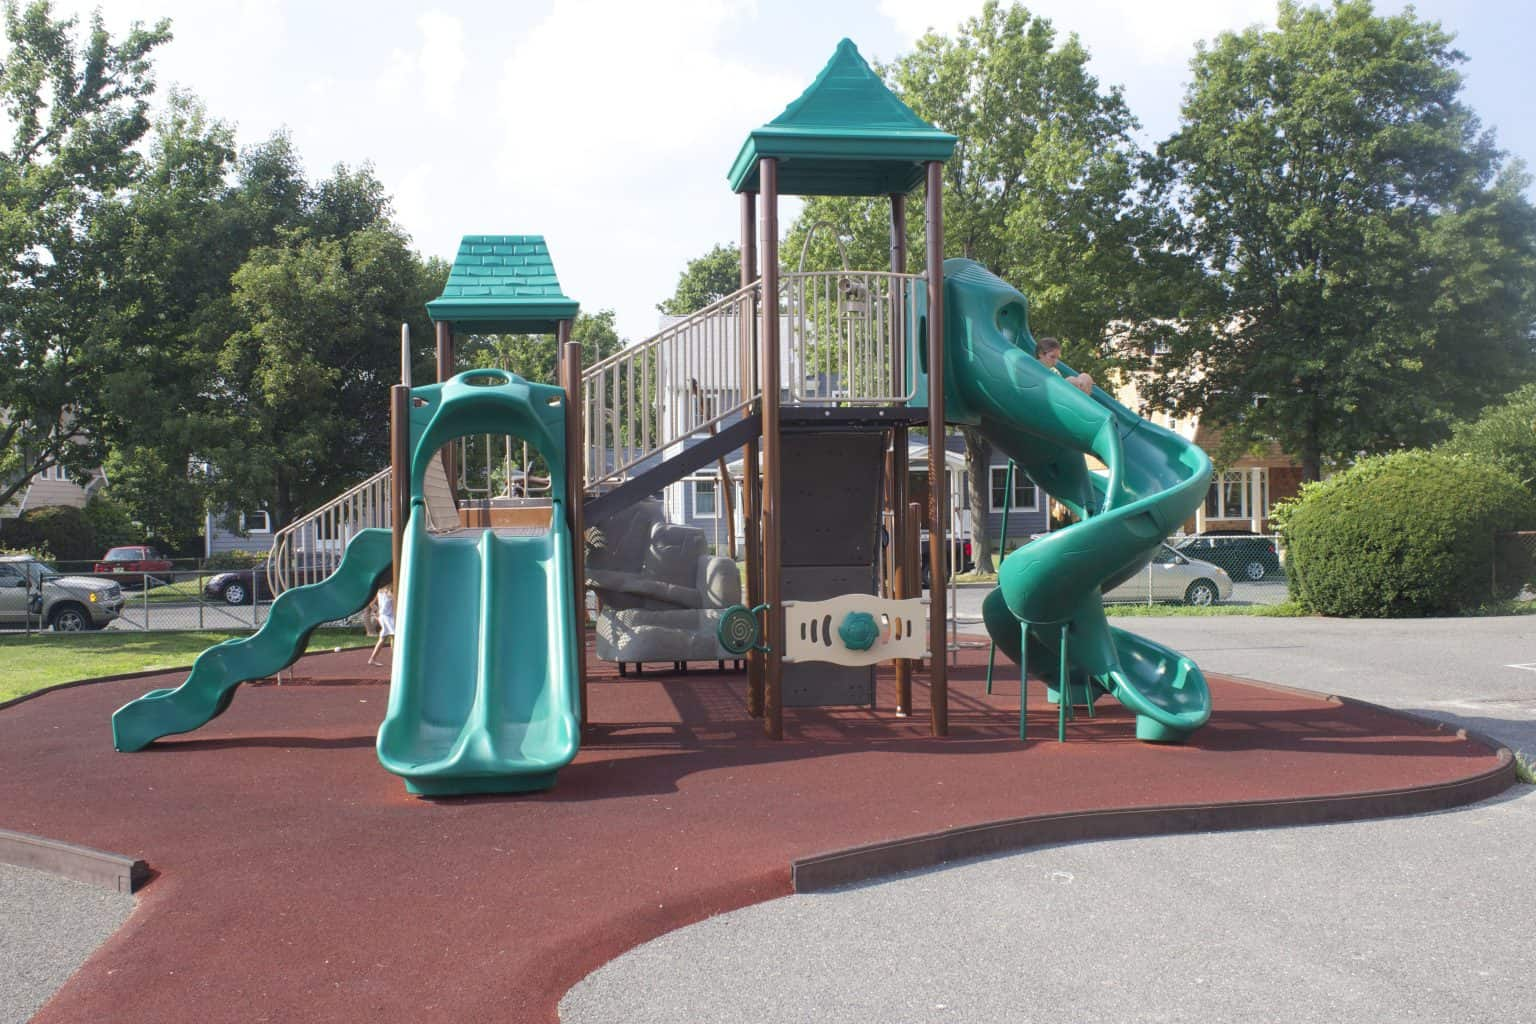 mountz-elementary-playground-spring-lake-nj_11653704795_o-1536x1024